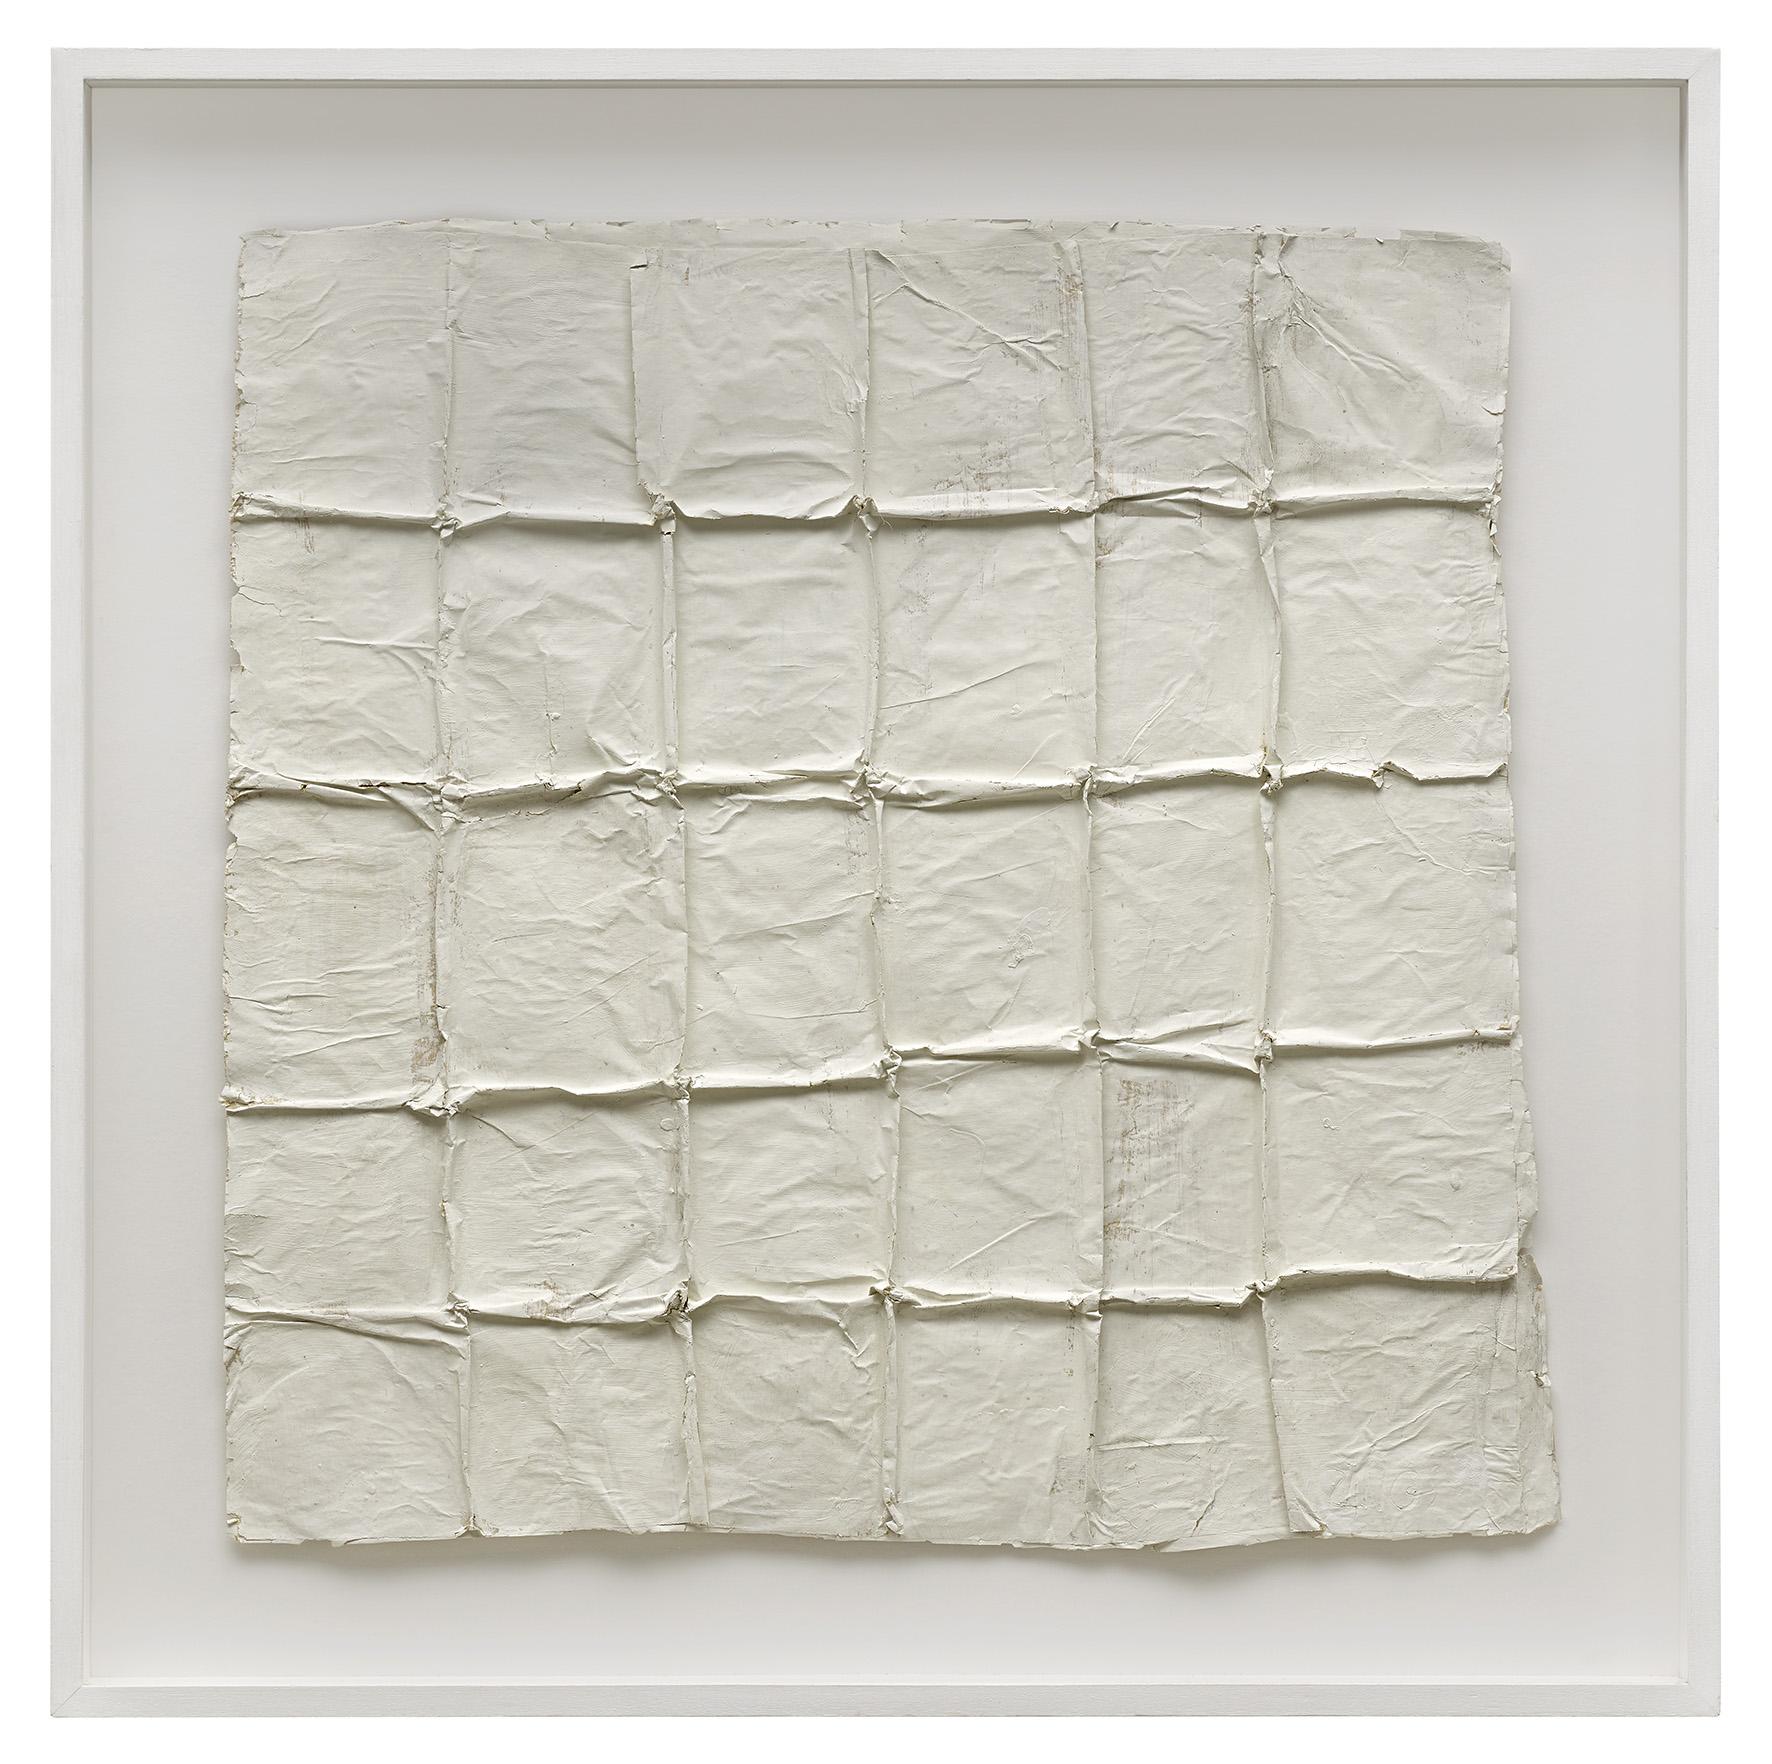 Weiß ist Farbe und war für die Zero-Künstler die bevorzugte Farbe ...